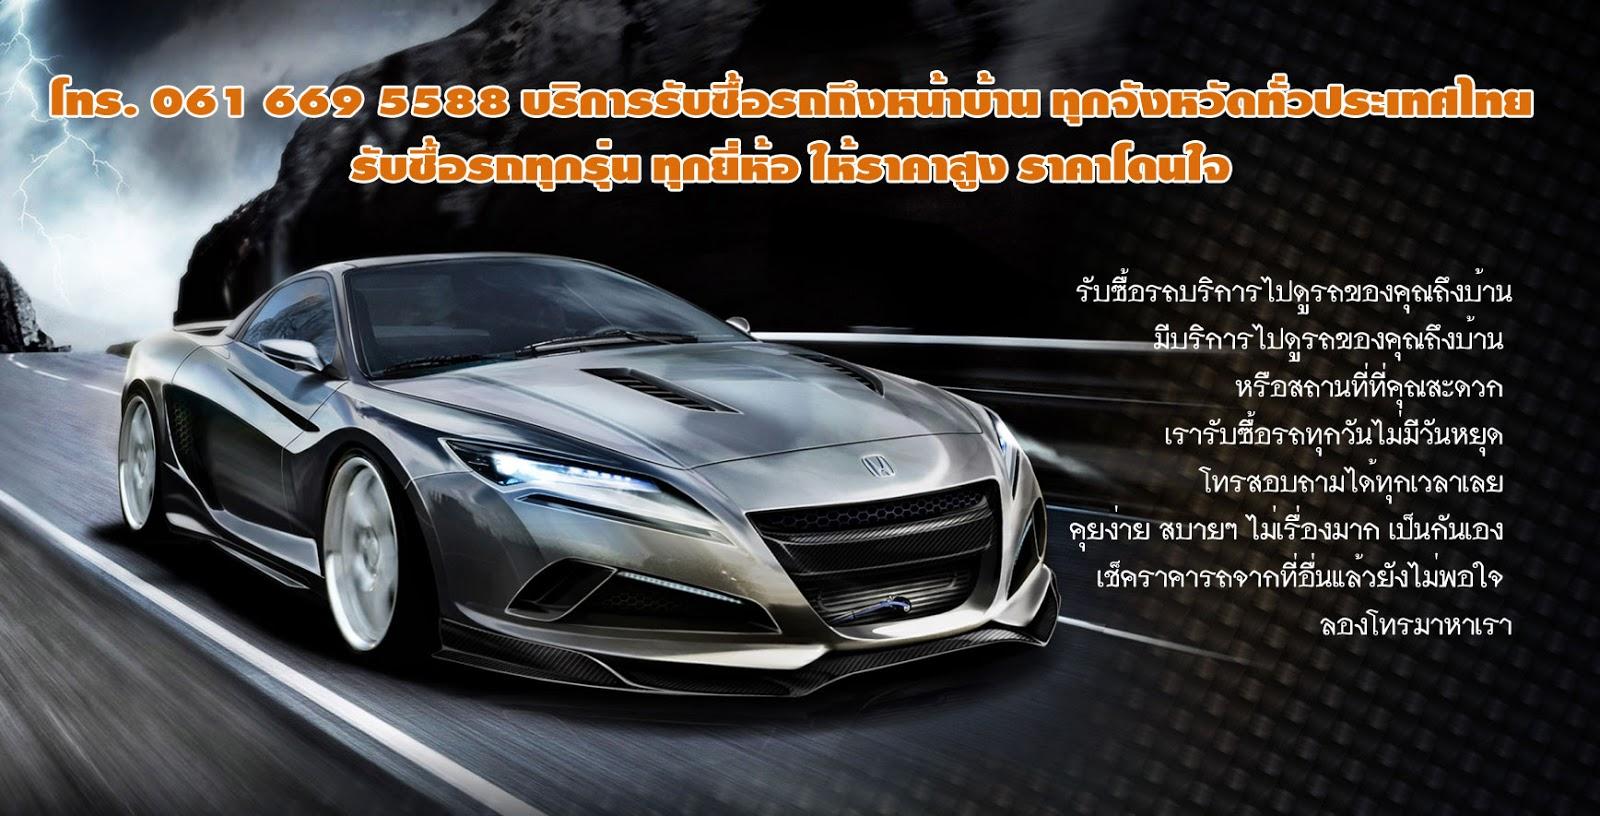 รับซื้อรถยนต์ ทุกยี่ห้อ ให้ราคาสูง จ่ายสดทันที โทร.061-669-5588